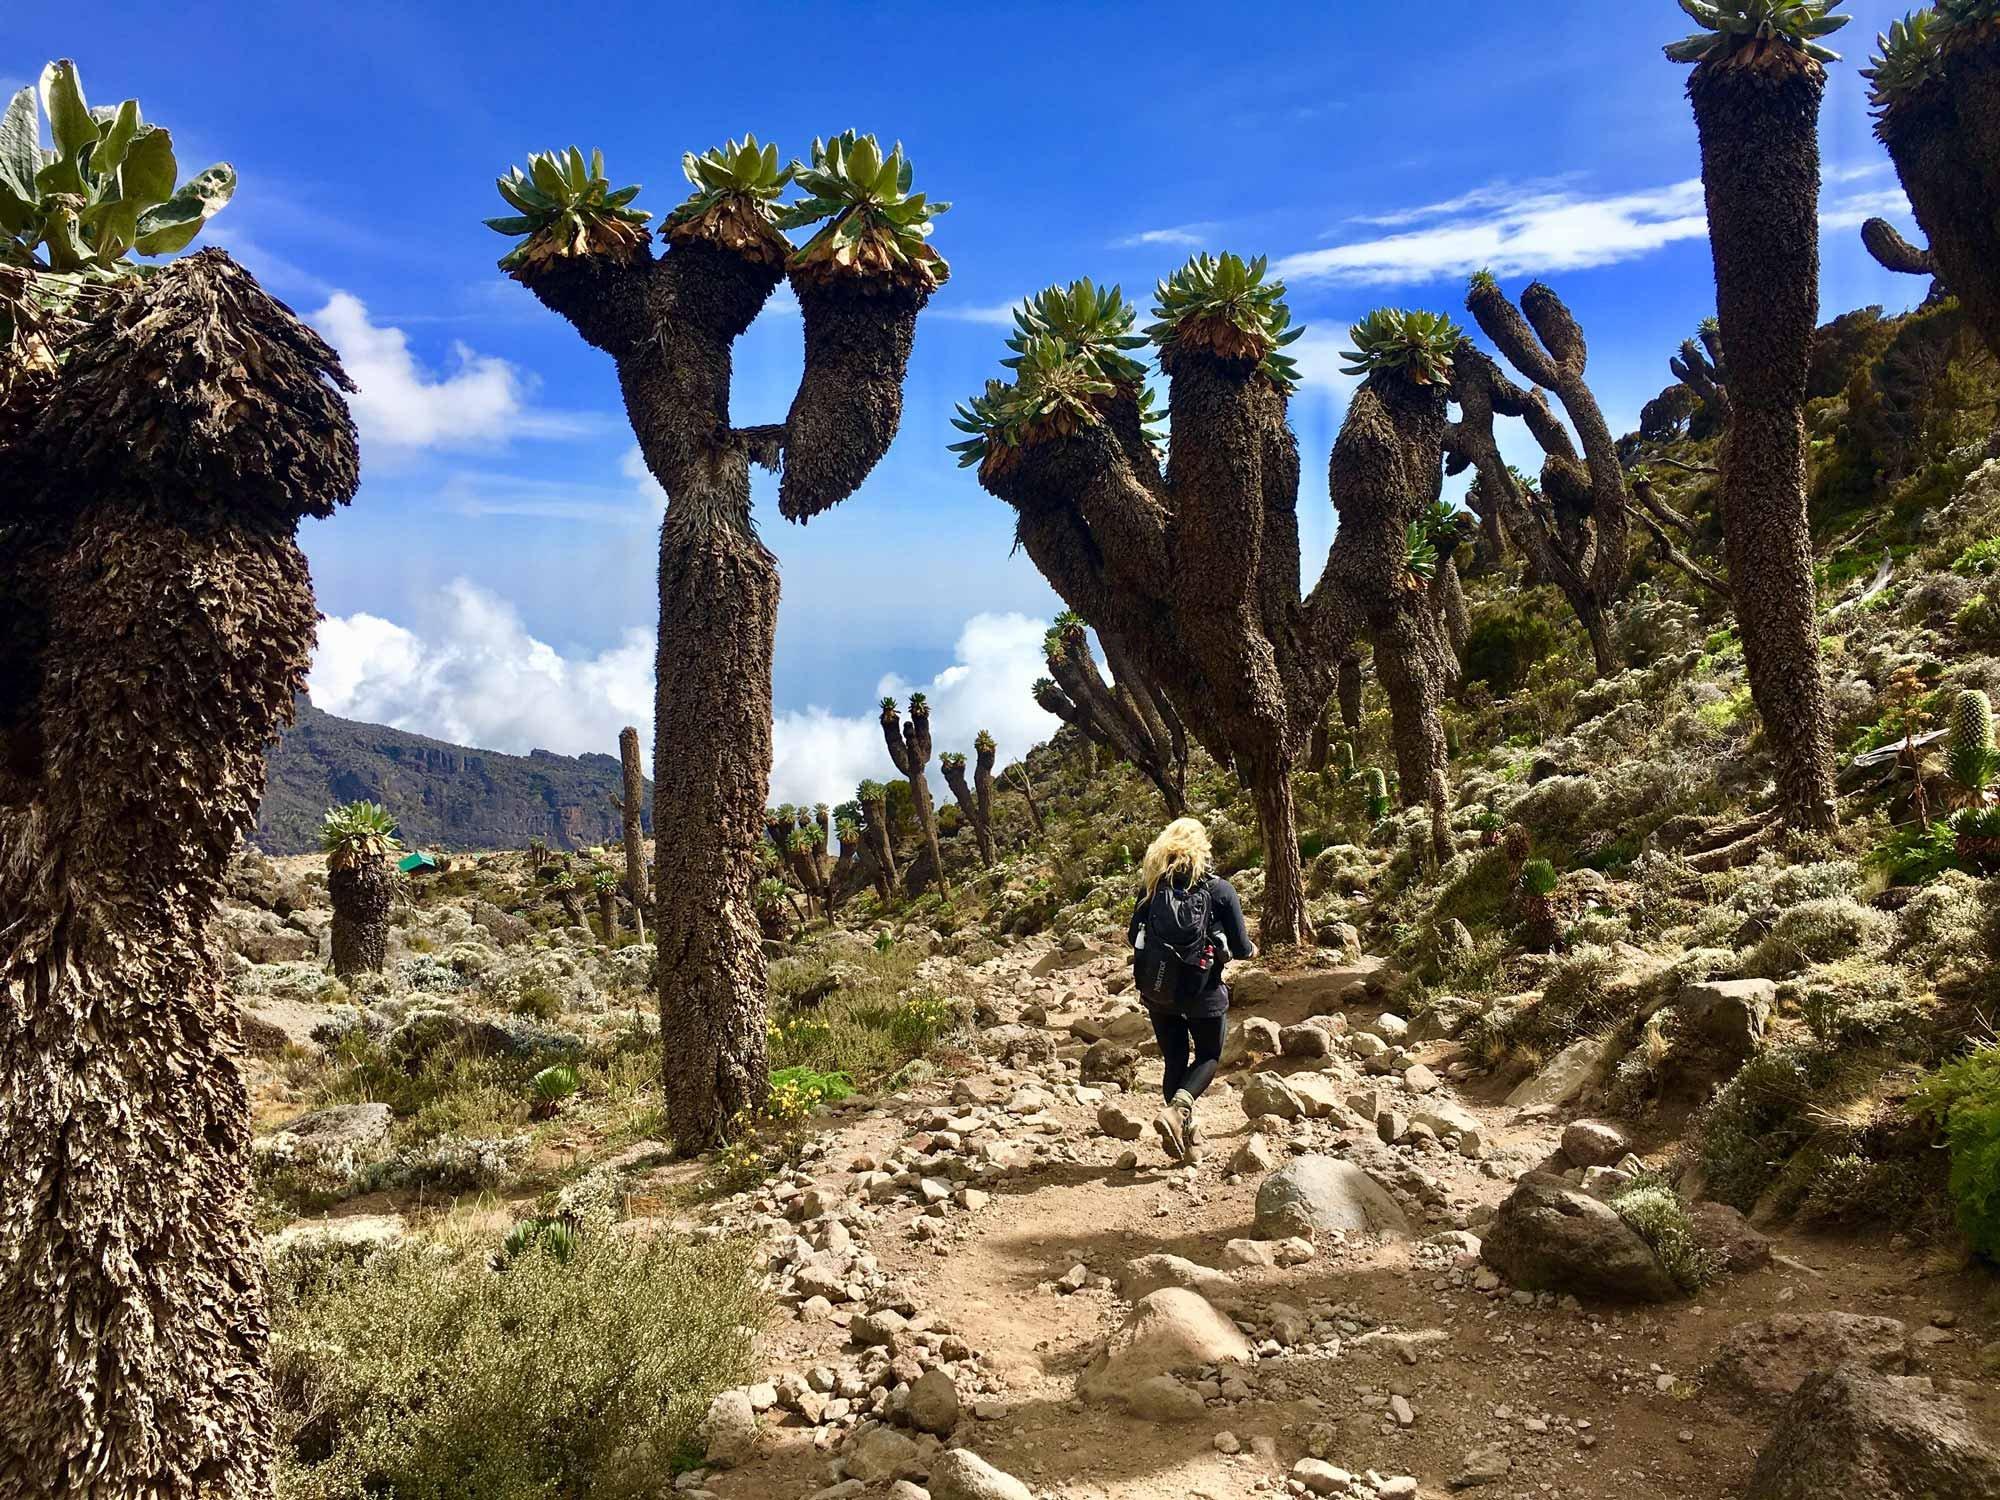 Trekking en route to Mount Kilimanjaro